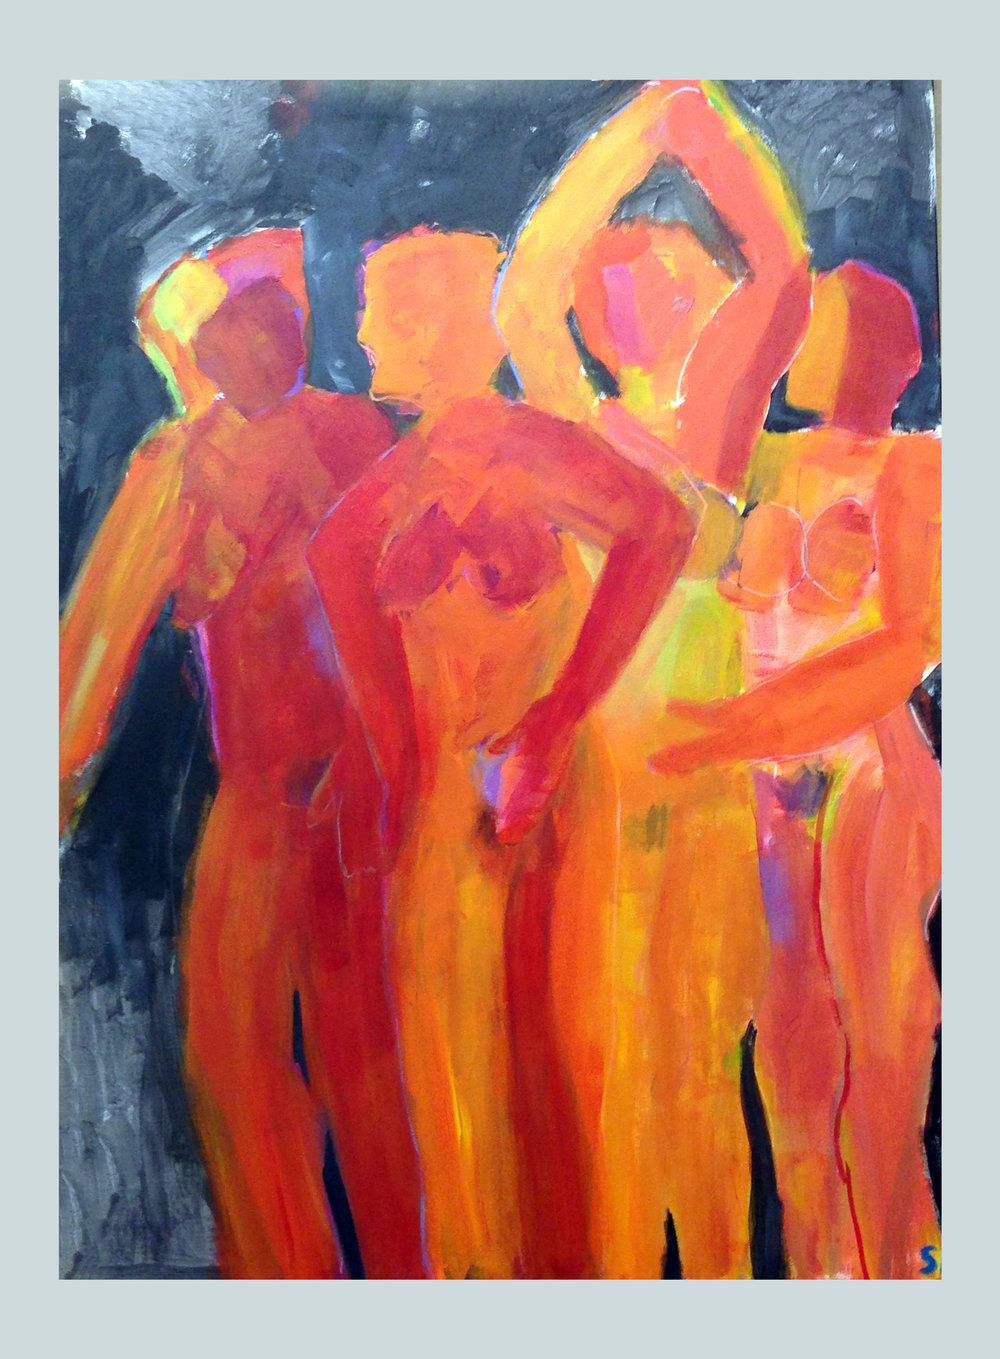 Demoiselles<br/>48 X 36 acrylic on canvas